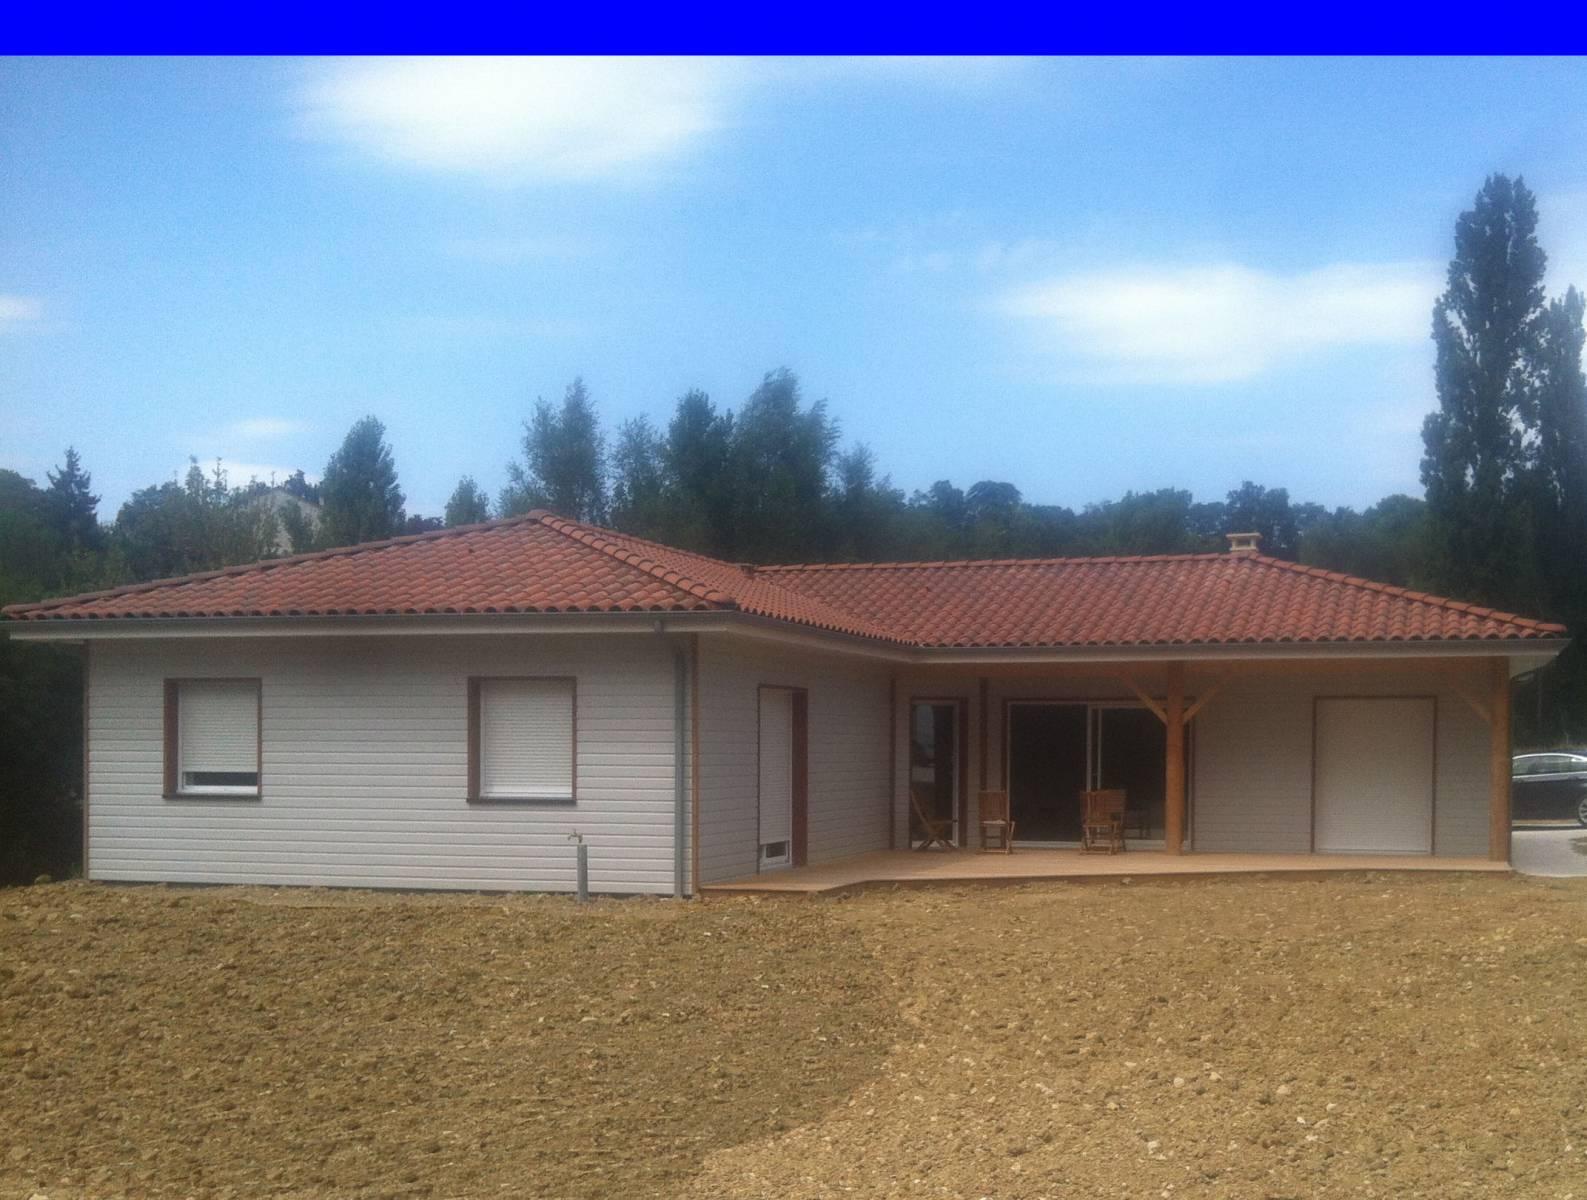 Constructeur maison bois lot et garonne maison moderne for Constructeur maison contemporaine lot et garonne